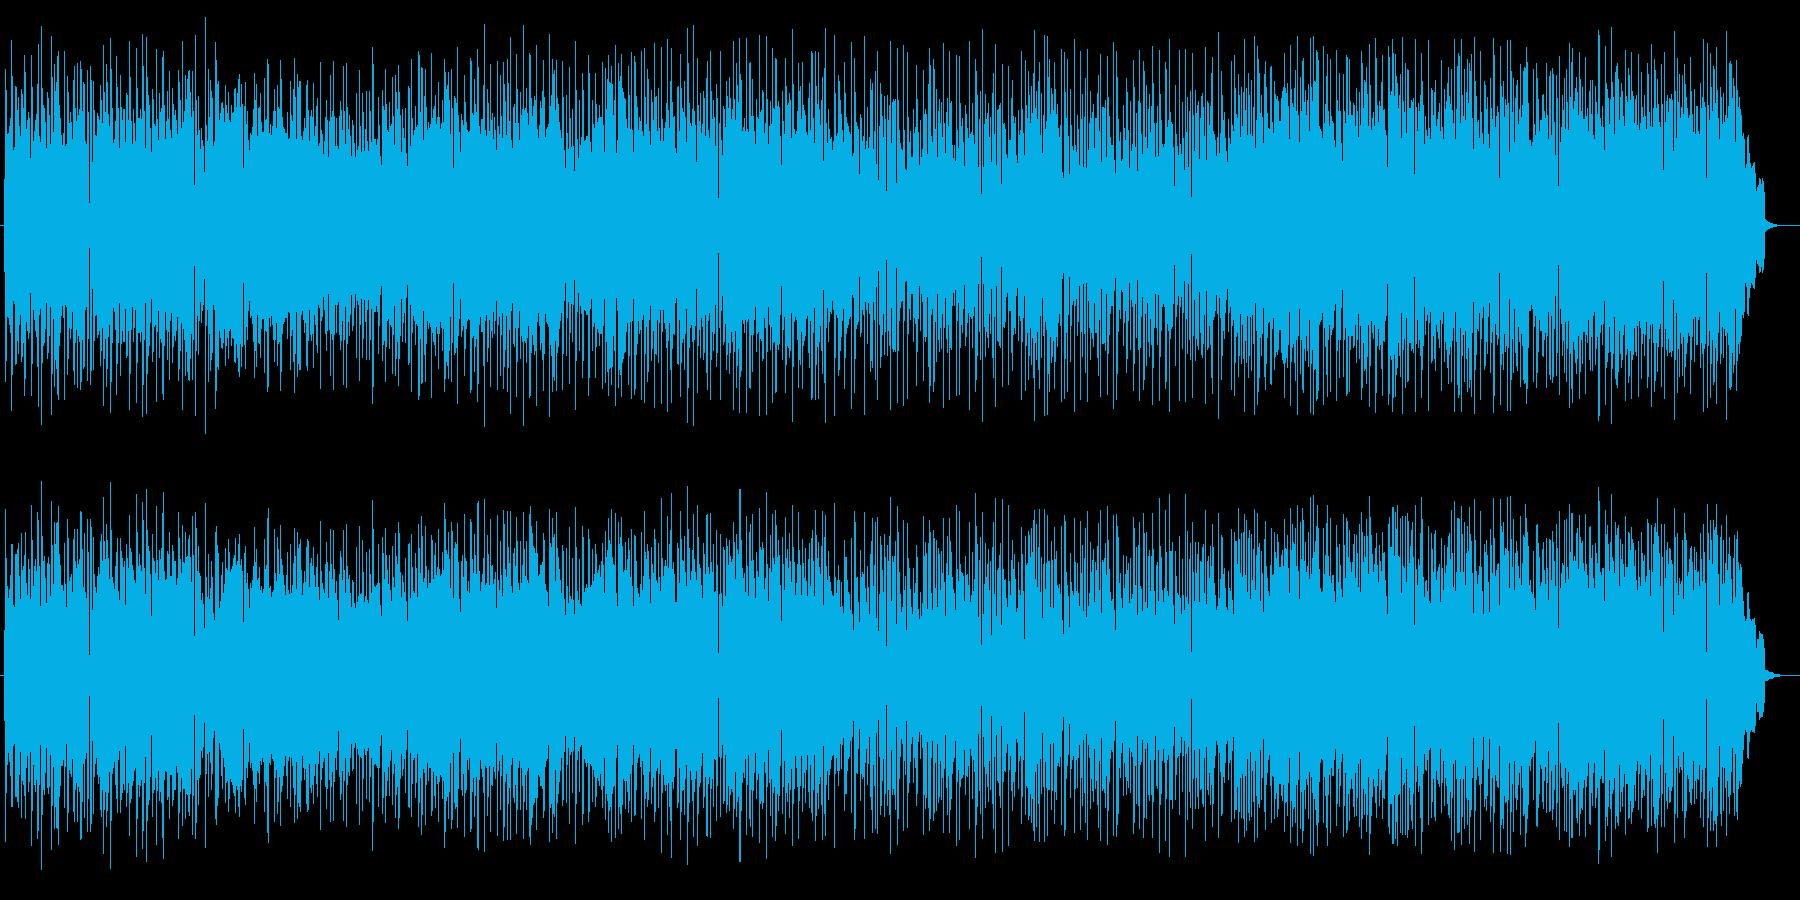 可憐なリラクゼーションミュージックの再生済みの波形